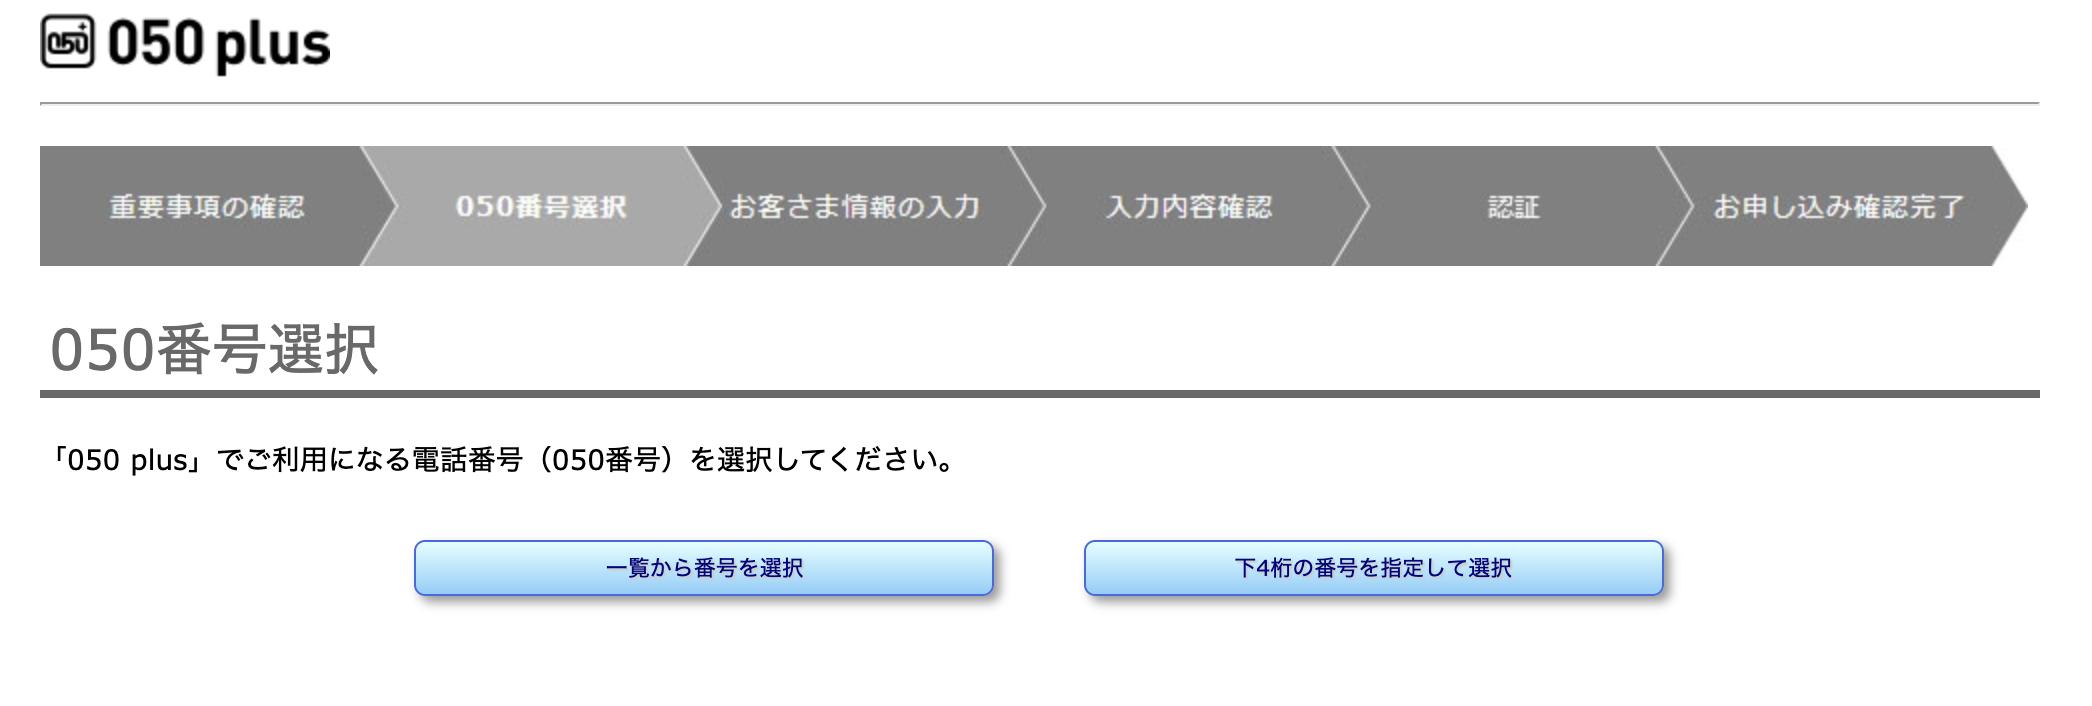 050番号選択画面